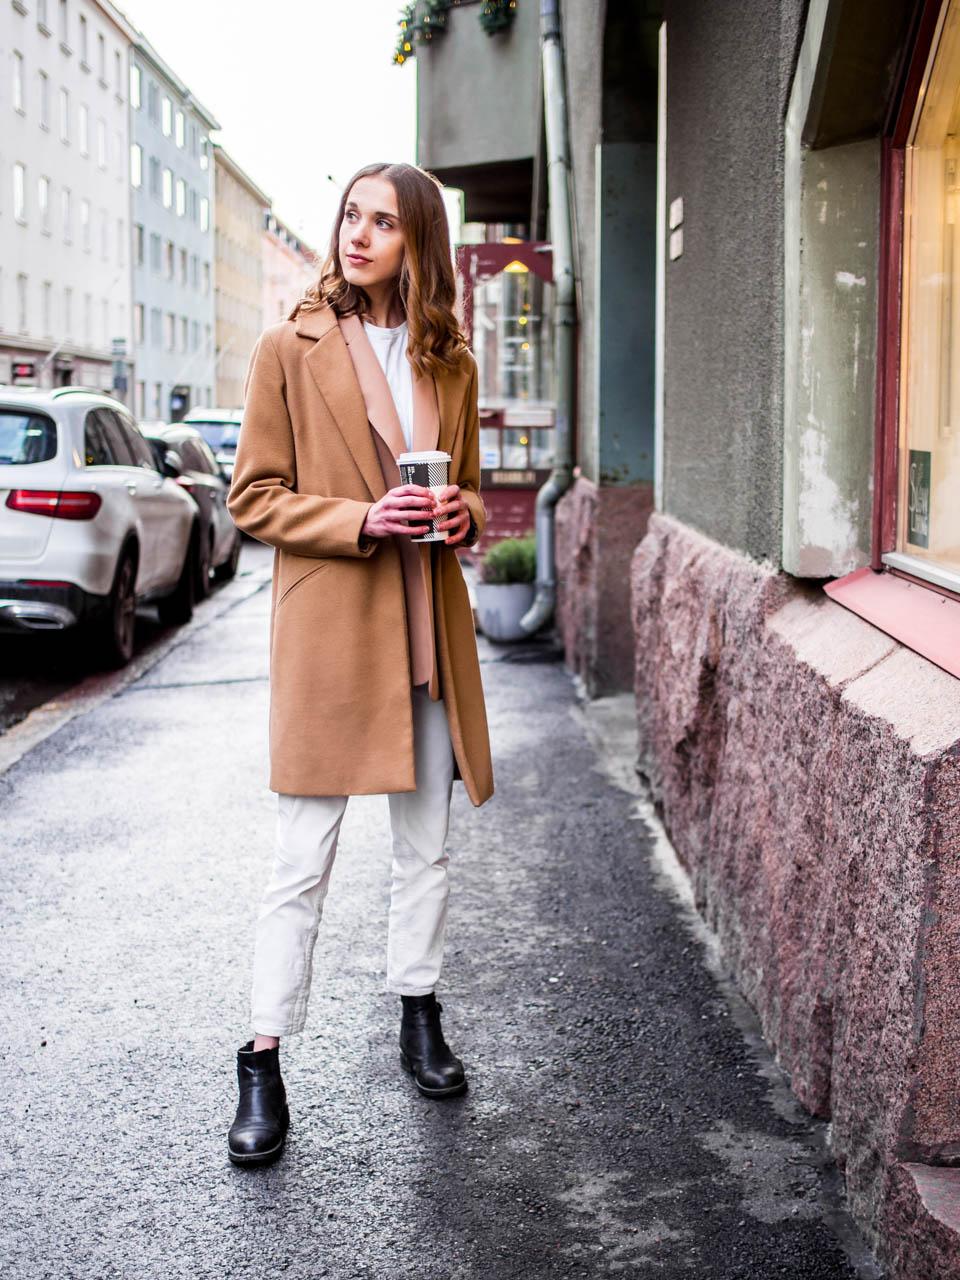 How to wear white denim in winter - Kuinka pukeutua valkoisiin farkkuihin talvella